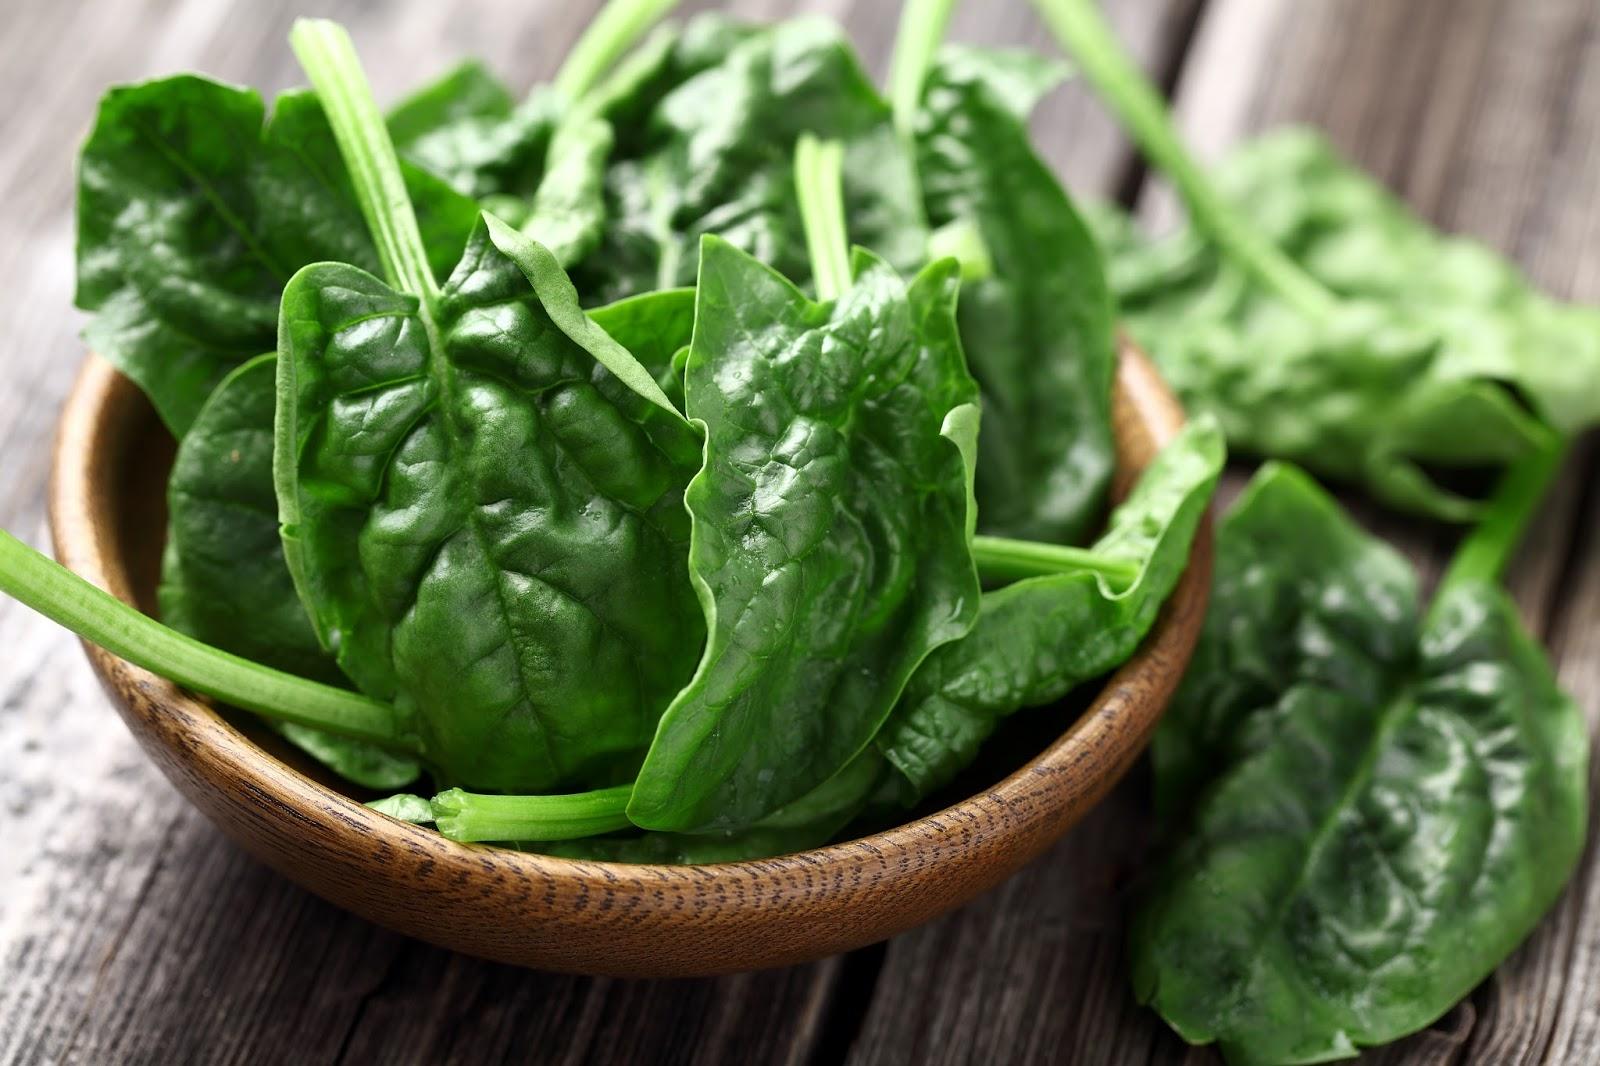 Едим шпинат с пользой для организма